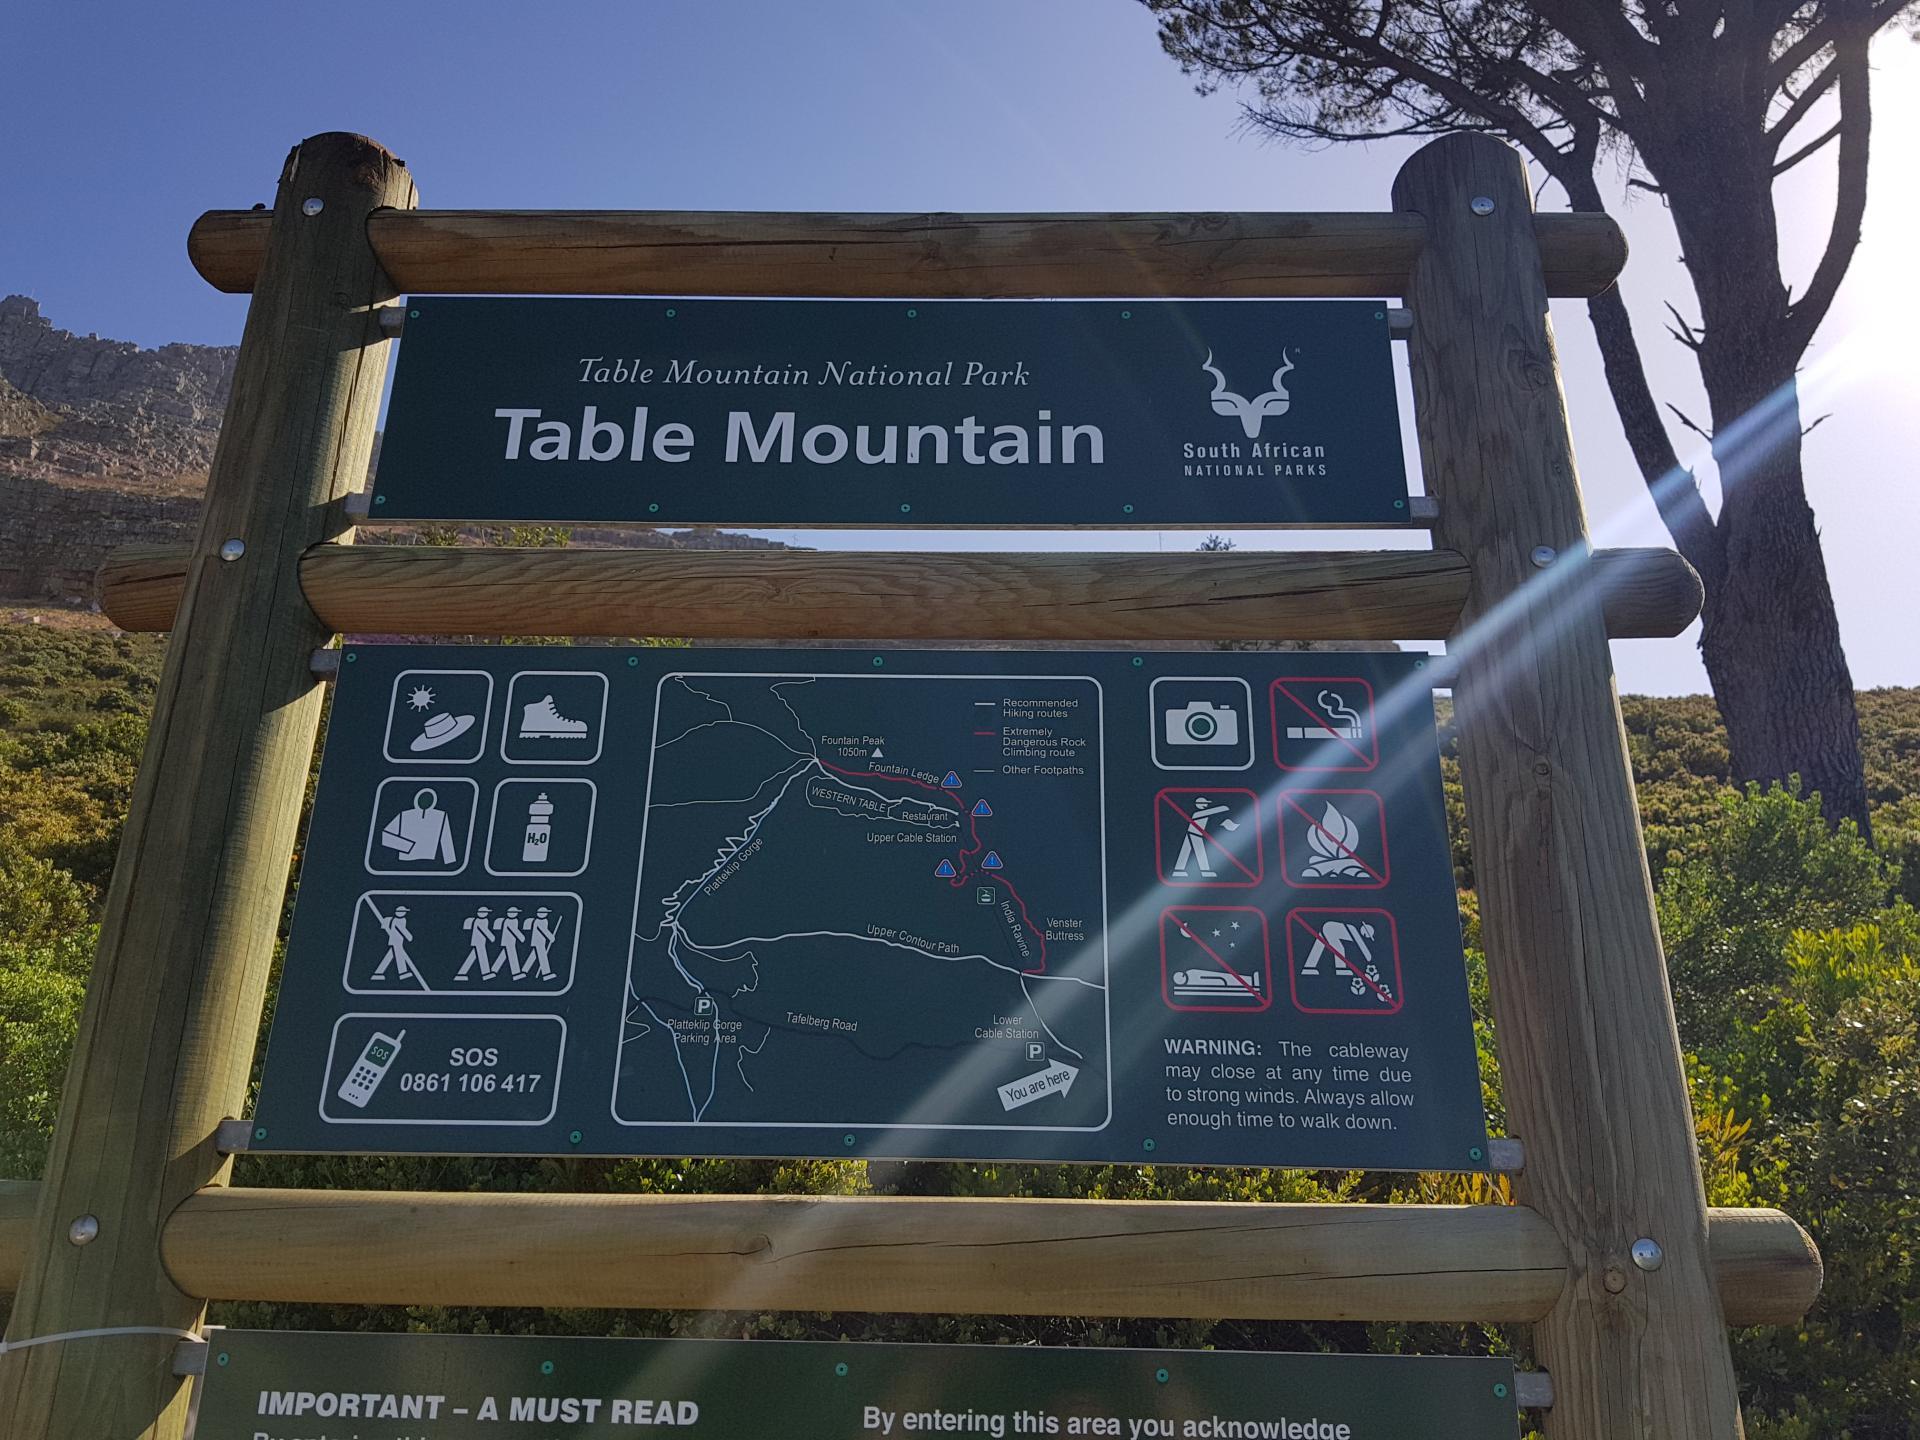 указатель путей подъема на Столовую гору, Кейптаун